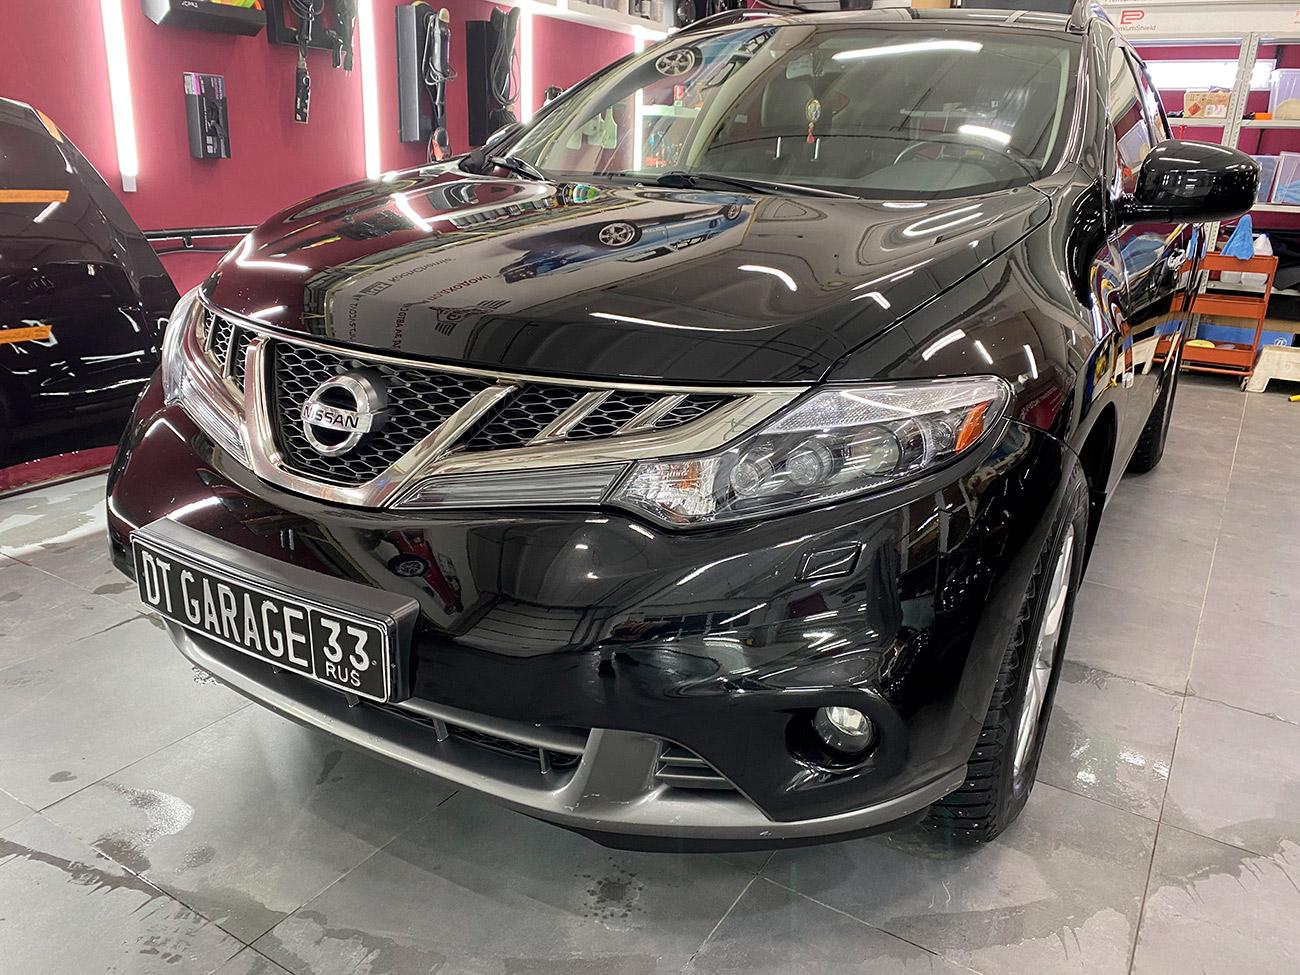 Смотреть на фото автомобиль, прошедший через полировку с керамикой в детейлинг-центре «DT GARAGE 33» в городе Владимире.